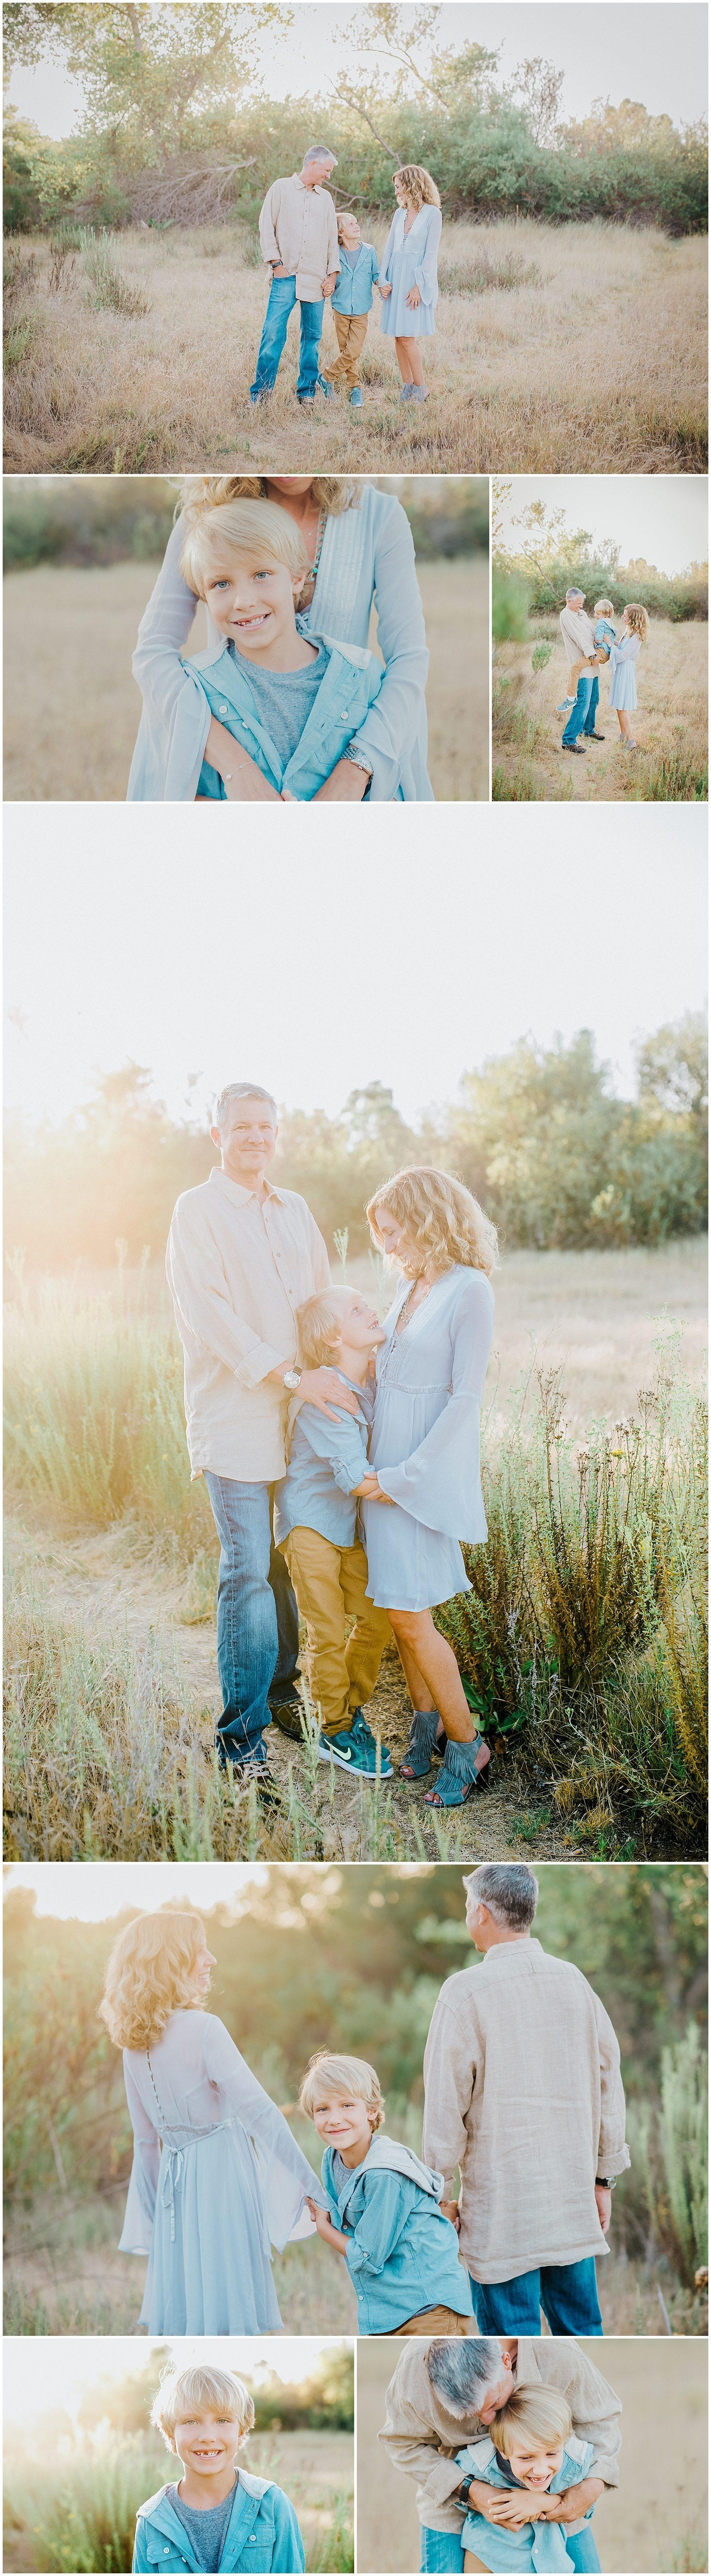 Orange  County  Family  Photographer 180425 103846